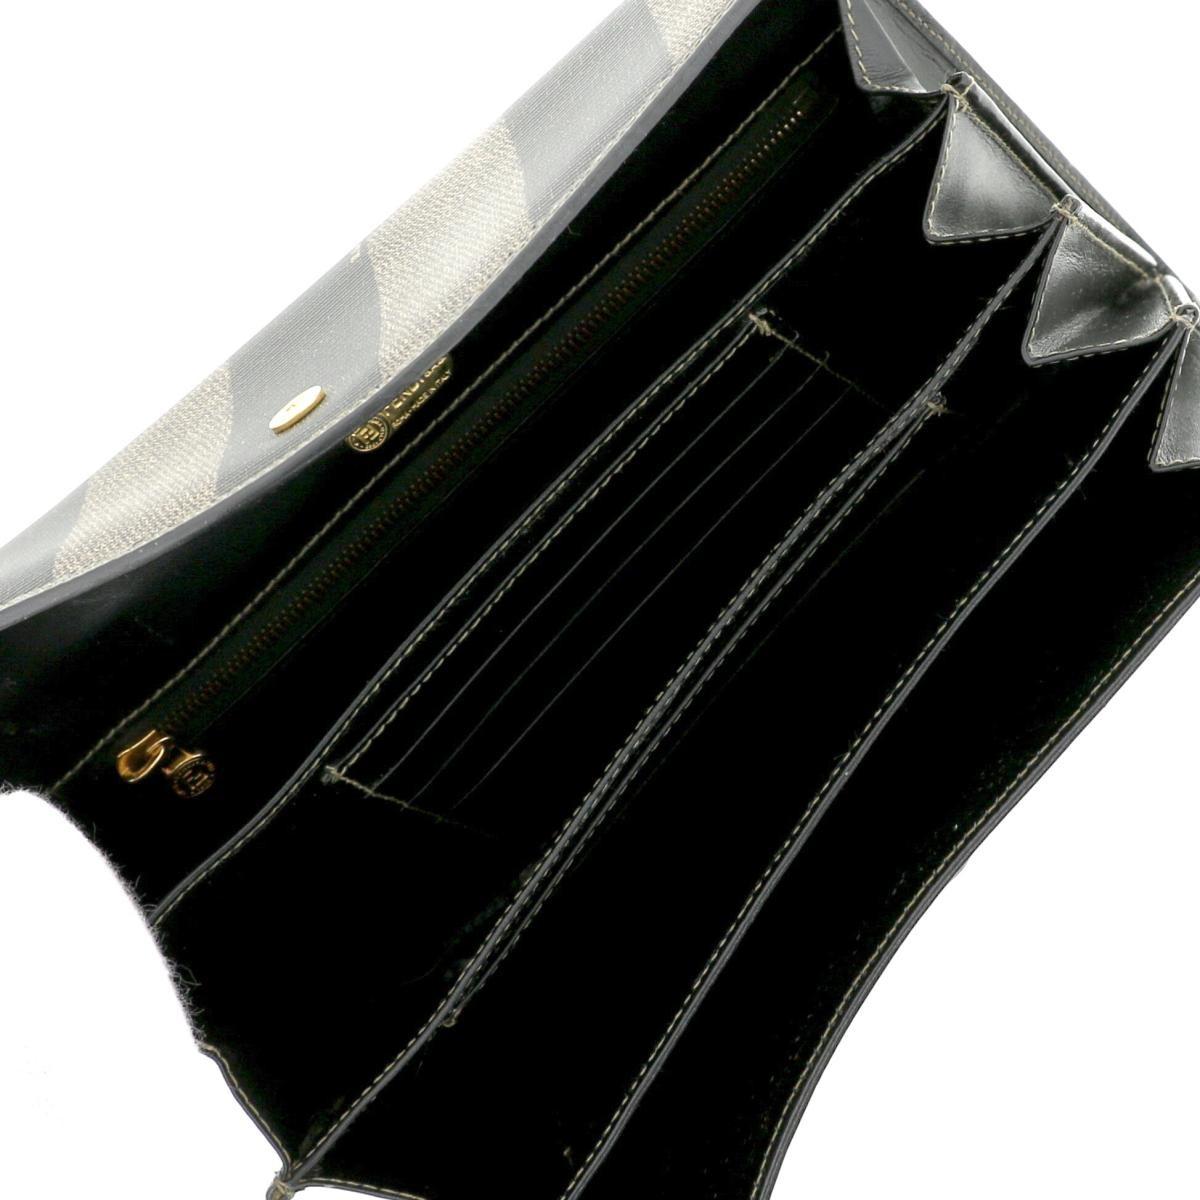 【即日発送・水曜定休日・木曜発送】【中古】【RI】FENDI フェンディ  長財布 ブラウン/ブラック PVCコーティングキャンバス ペカン 長財布